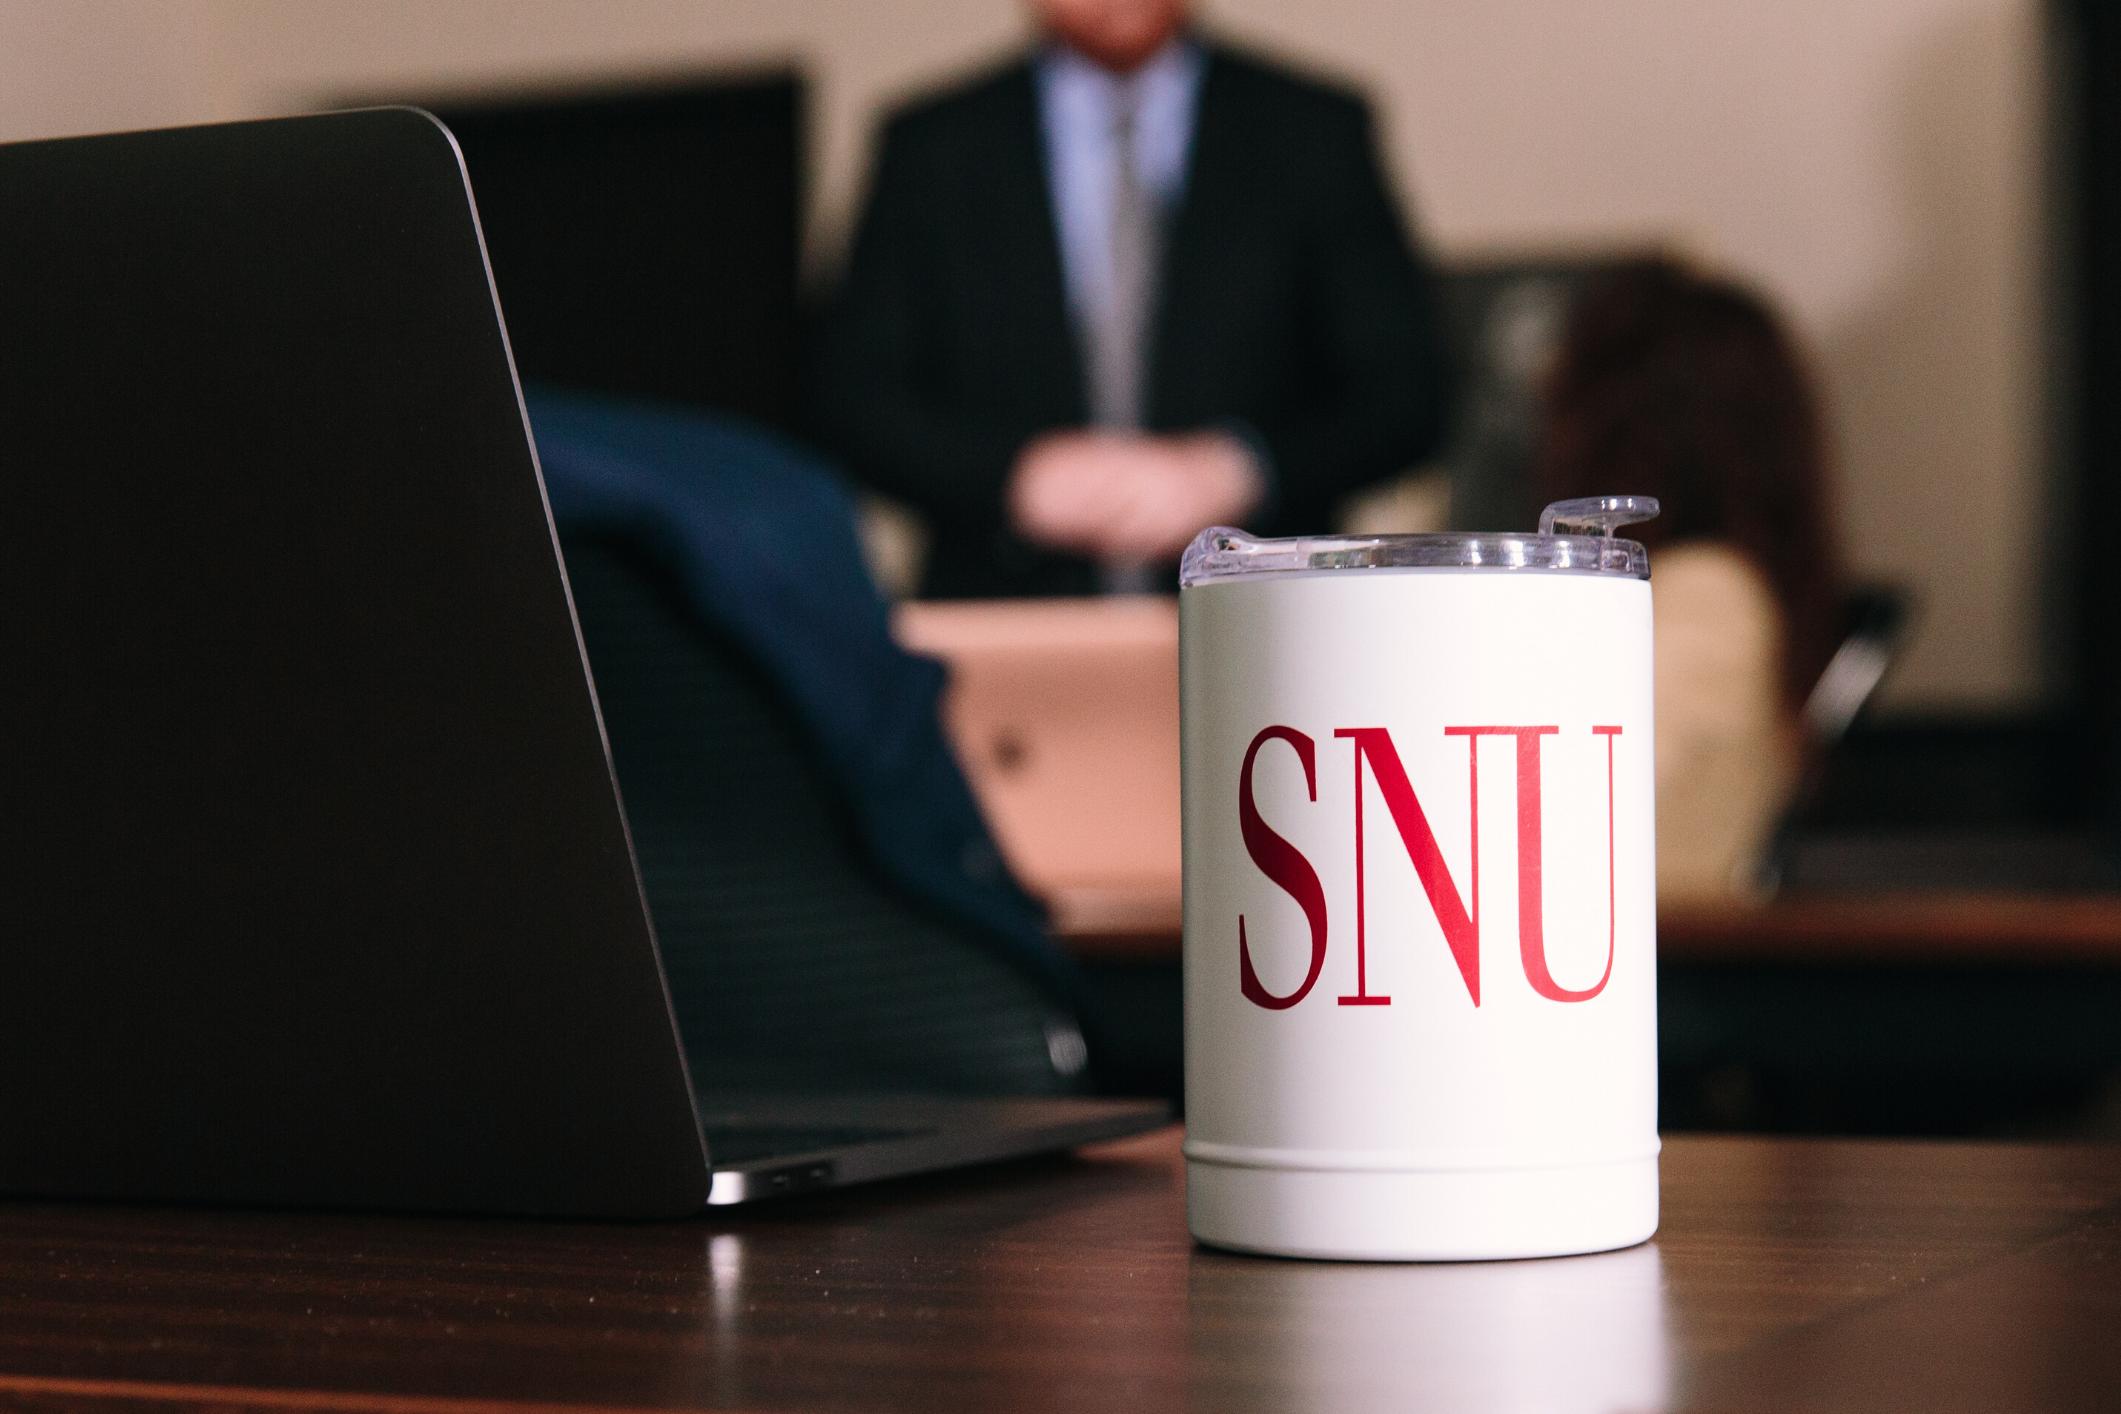 SNU cup